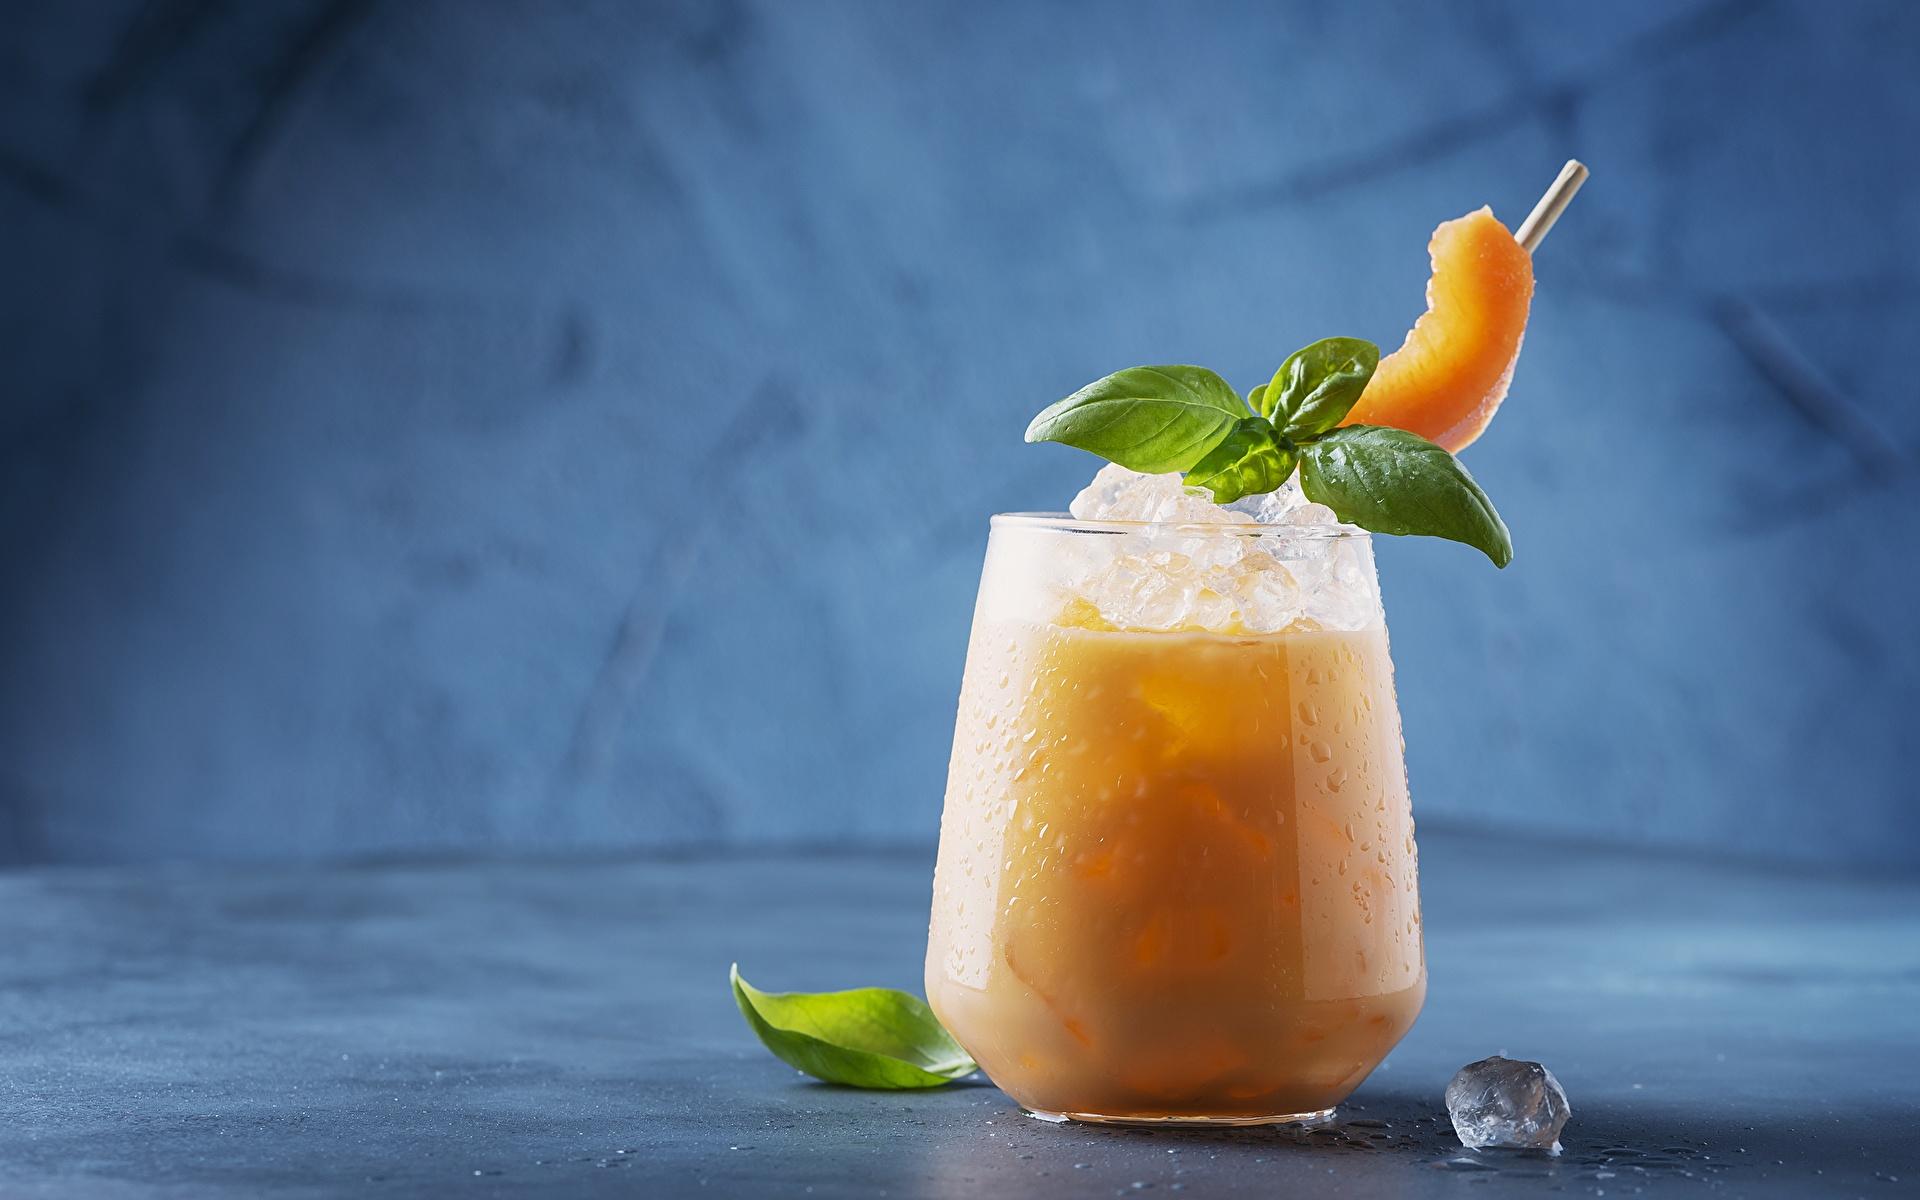 Картинка Лед Дыни мятой Стакан Продукты питания напиток 1920x1200 льда мяты Мята стакане стакана Еда Пища Напитки